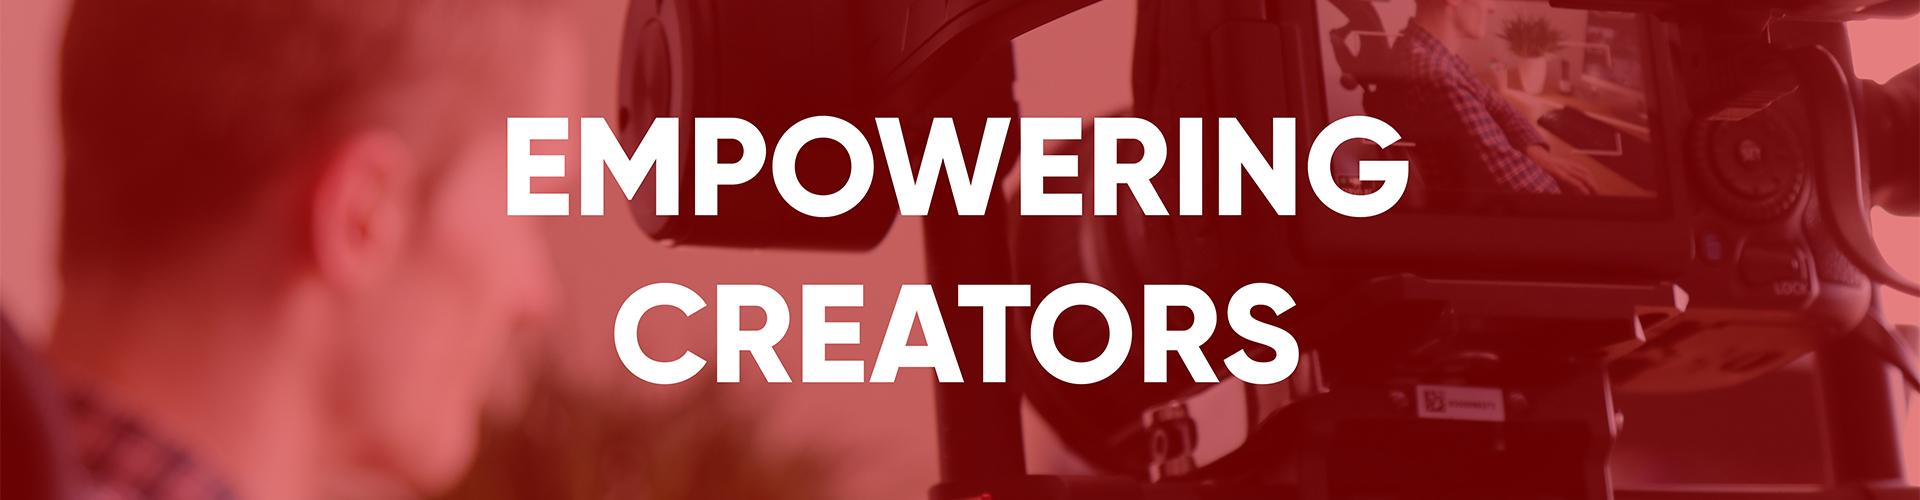 Glewed Empowering Creators small